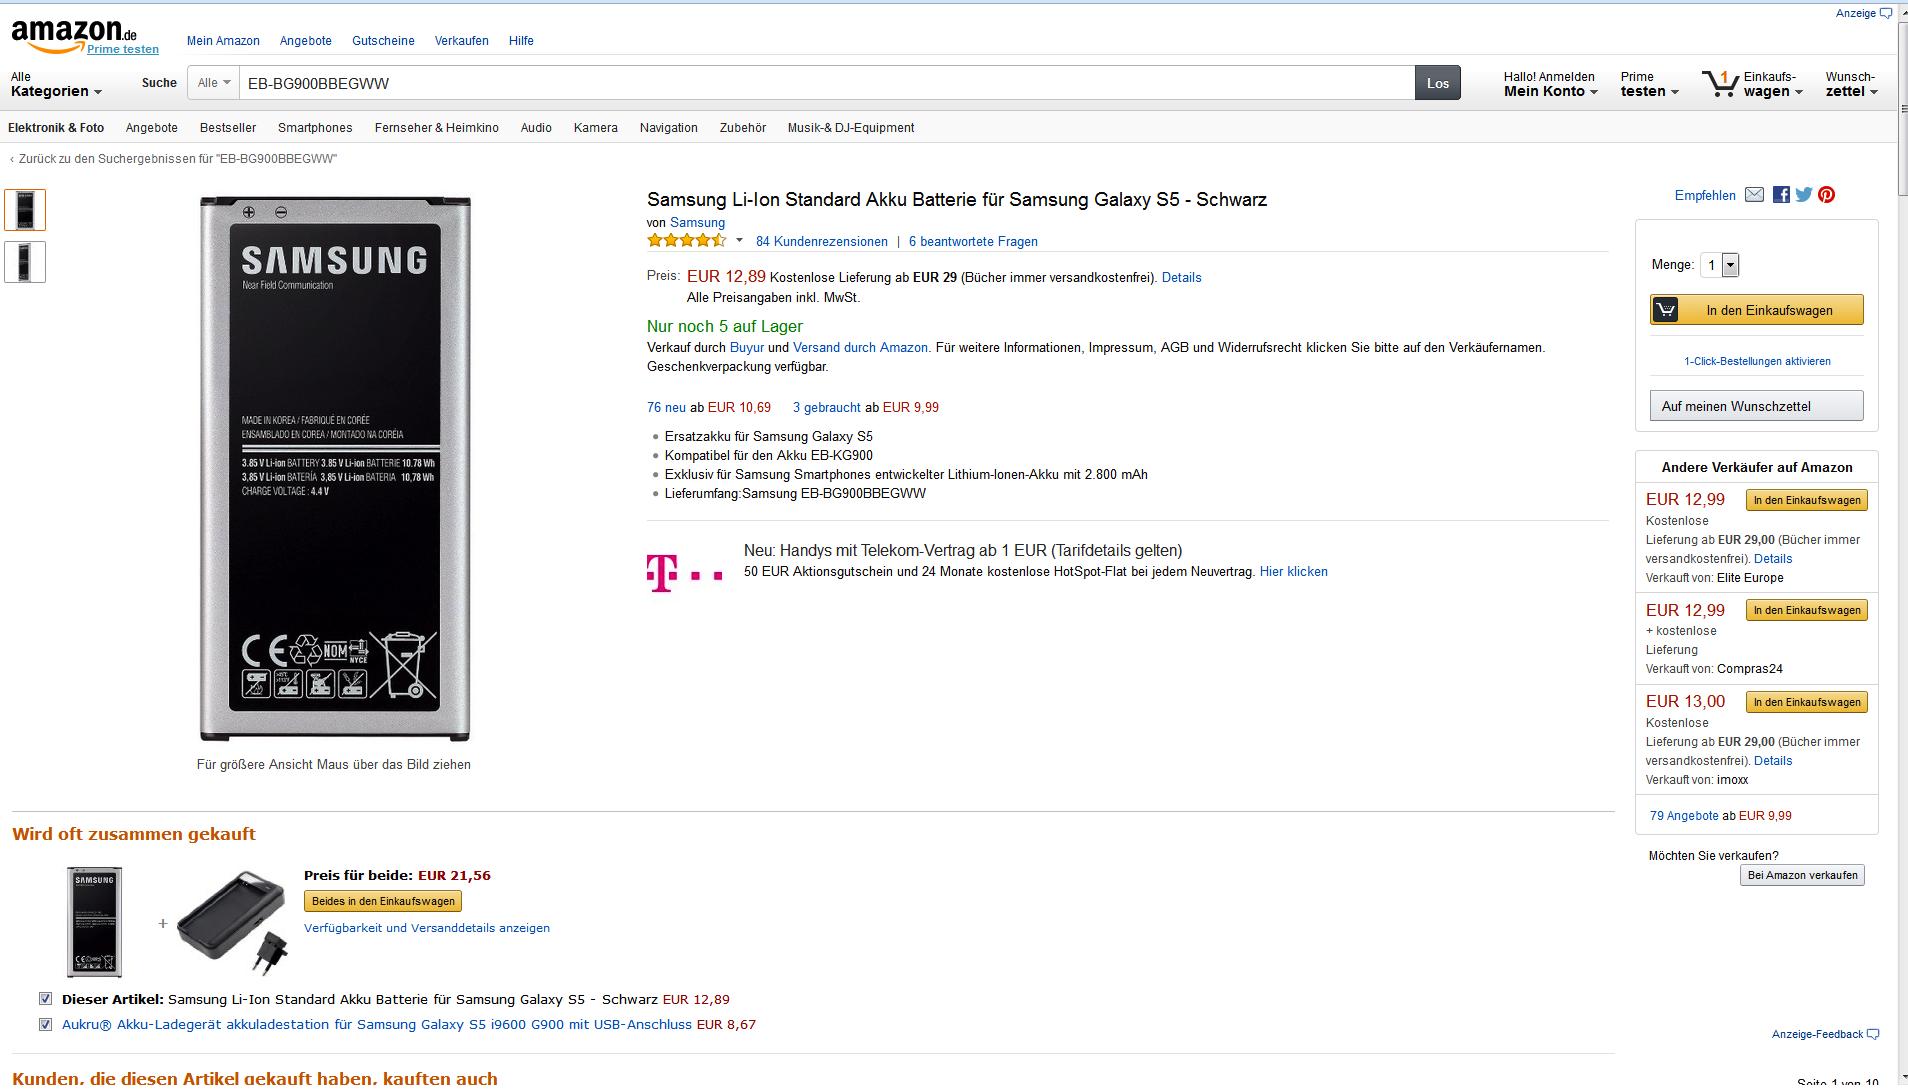 Ingenieur.de hat selbst verglichen: 24,89 Euro kostet der Lithium-Ionen-Akku EB-BG900 mit einer Kapazität von 2800 mAh für das Galaxy S5 im Online-Shop von Samsung. Bei Amazon finden sich Angebote ab 10,69 Euro.